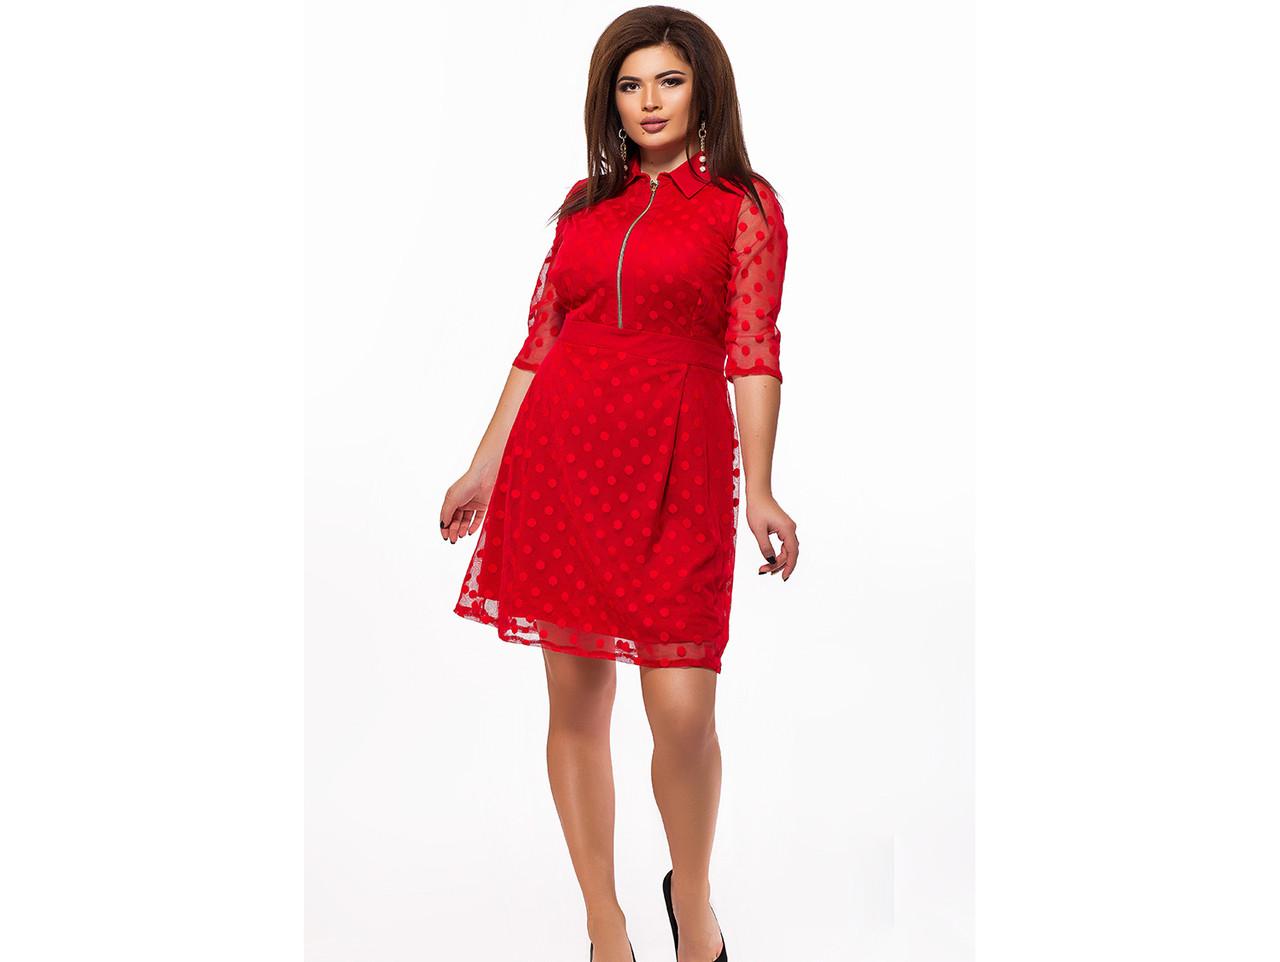 078e431a207bf34 Я-Модна - купить Женское вечернее платье мини 25606 / размер 48,50 ...